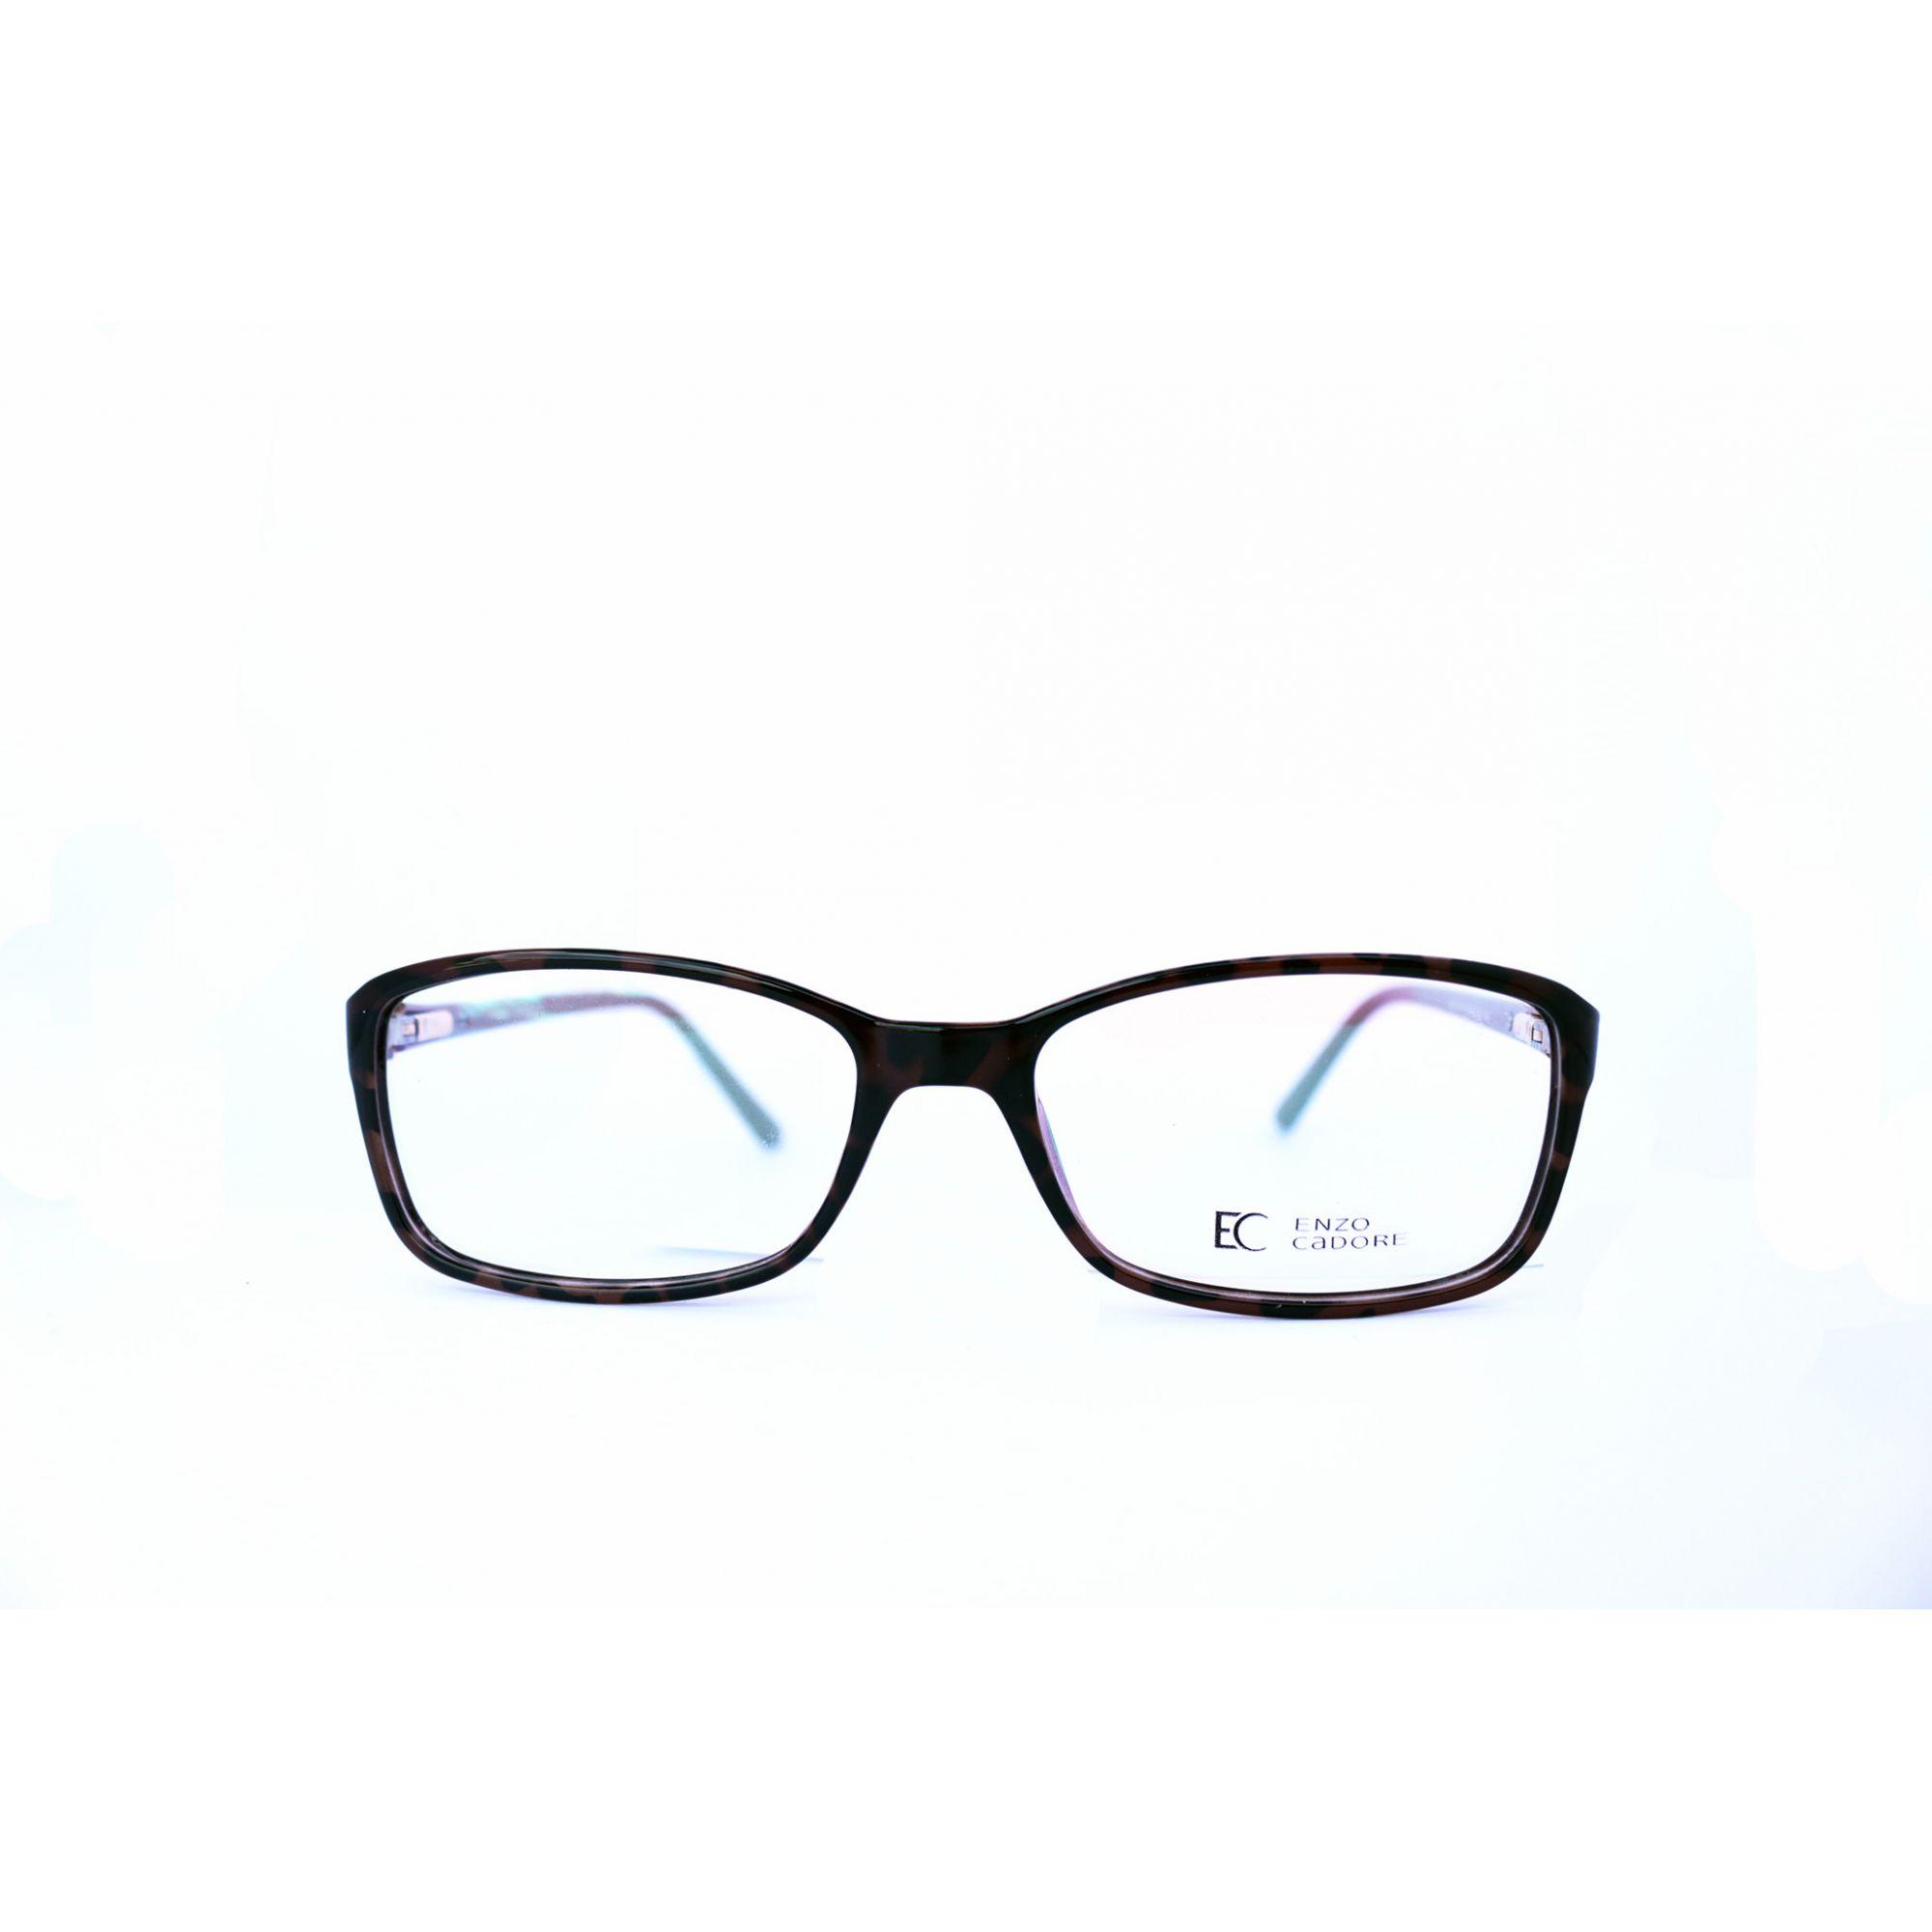 Óculos de grau | Enzo Cadore Dark